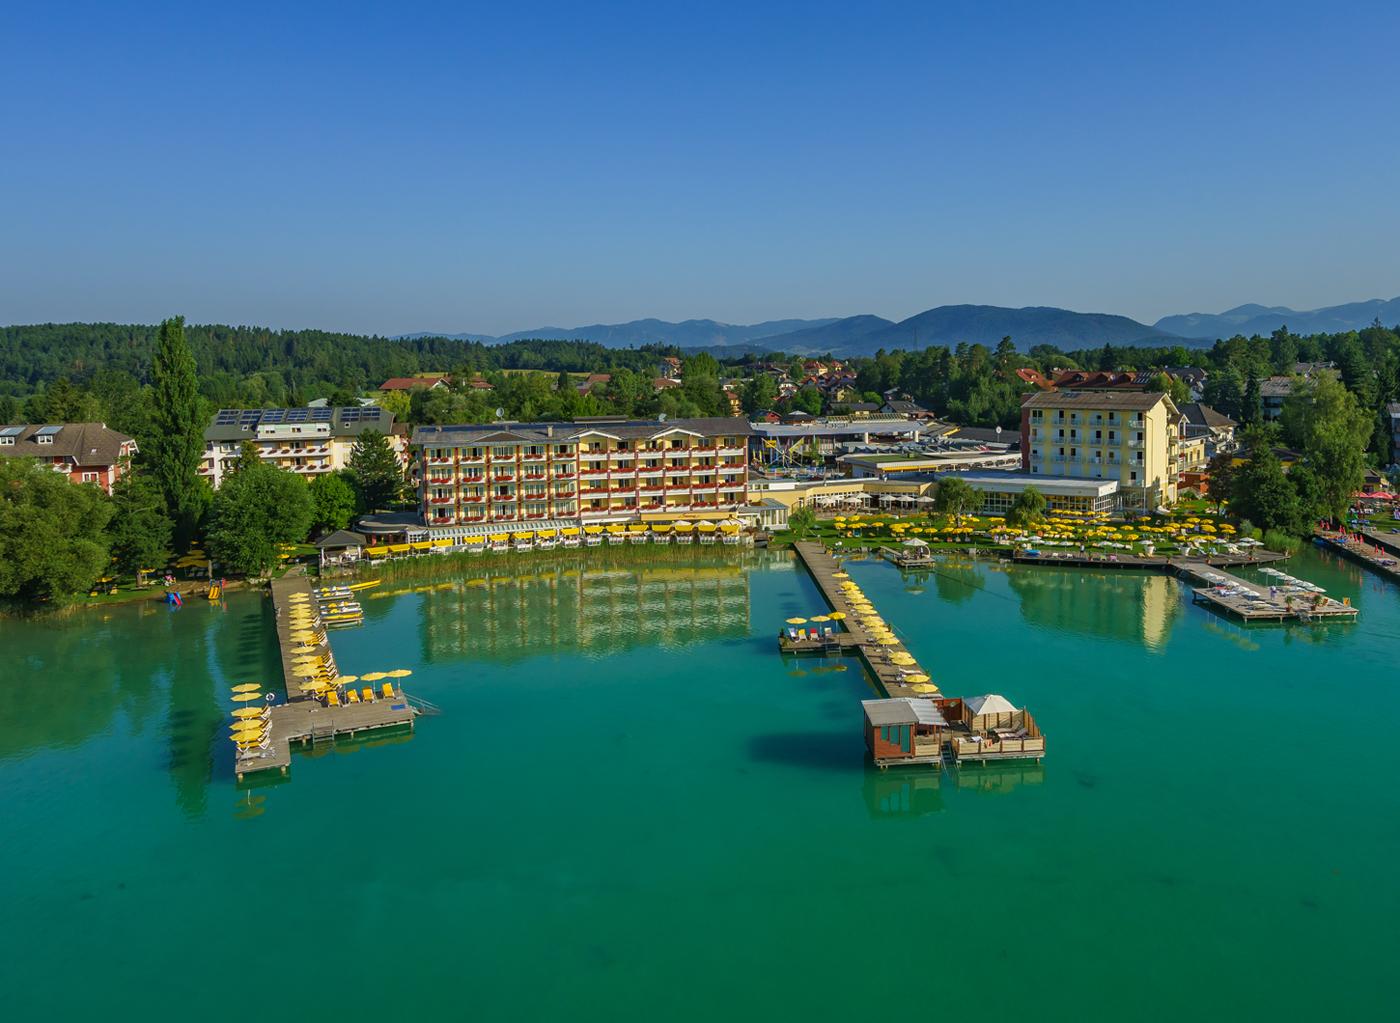 Hotel Sonne Klopeinersee